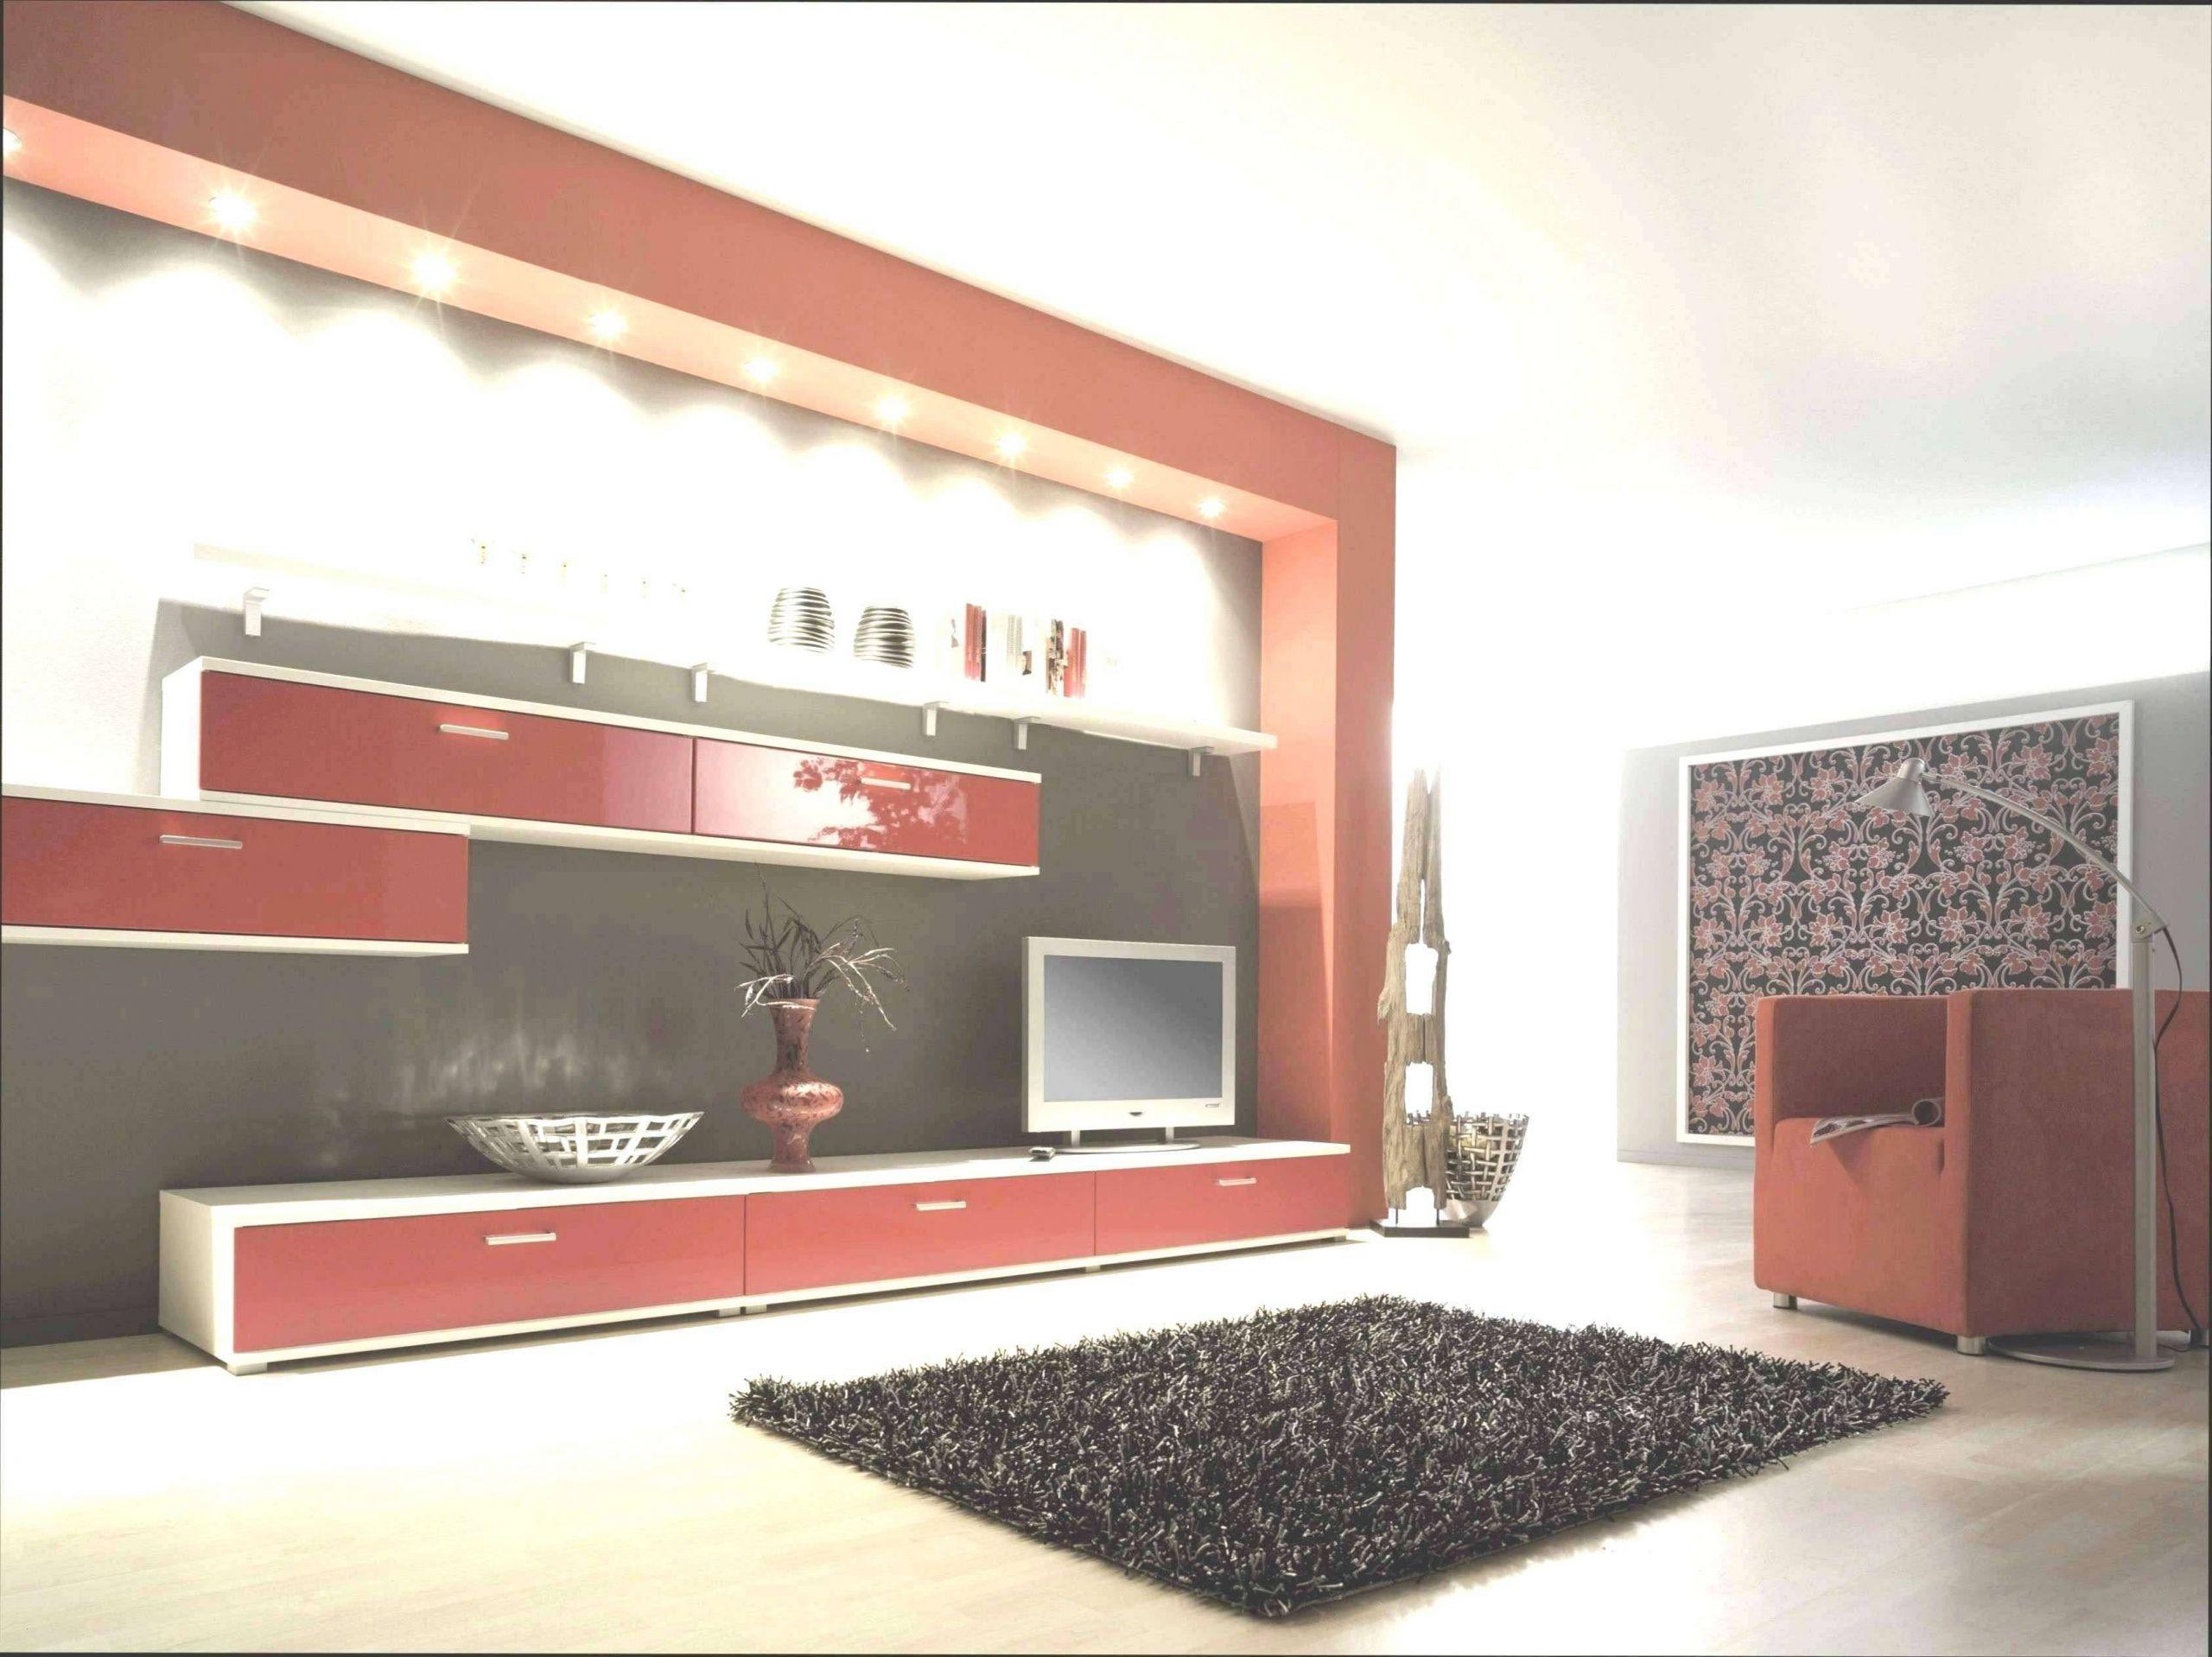 wohnzimmer ideen fenster super 45 luxus sommer deko fenster galerie of wohnzimmer ideen fenster